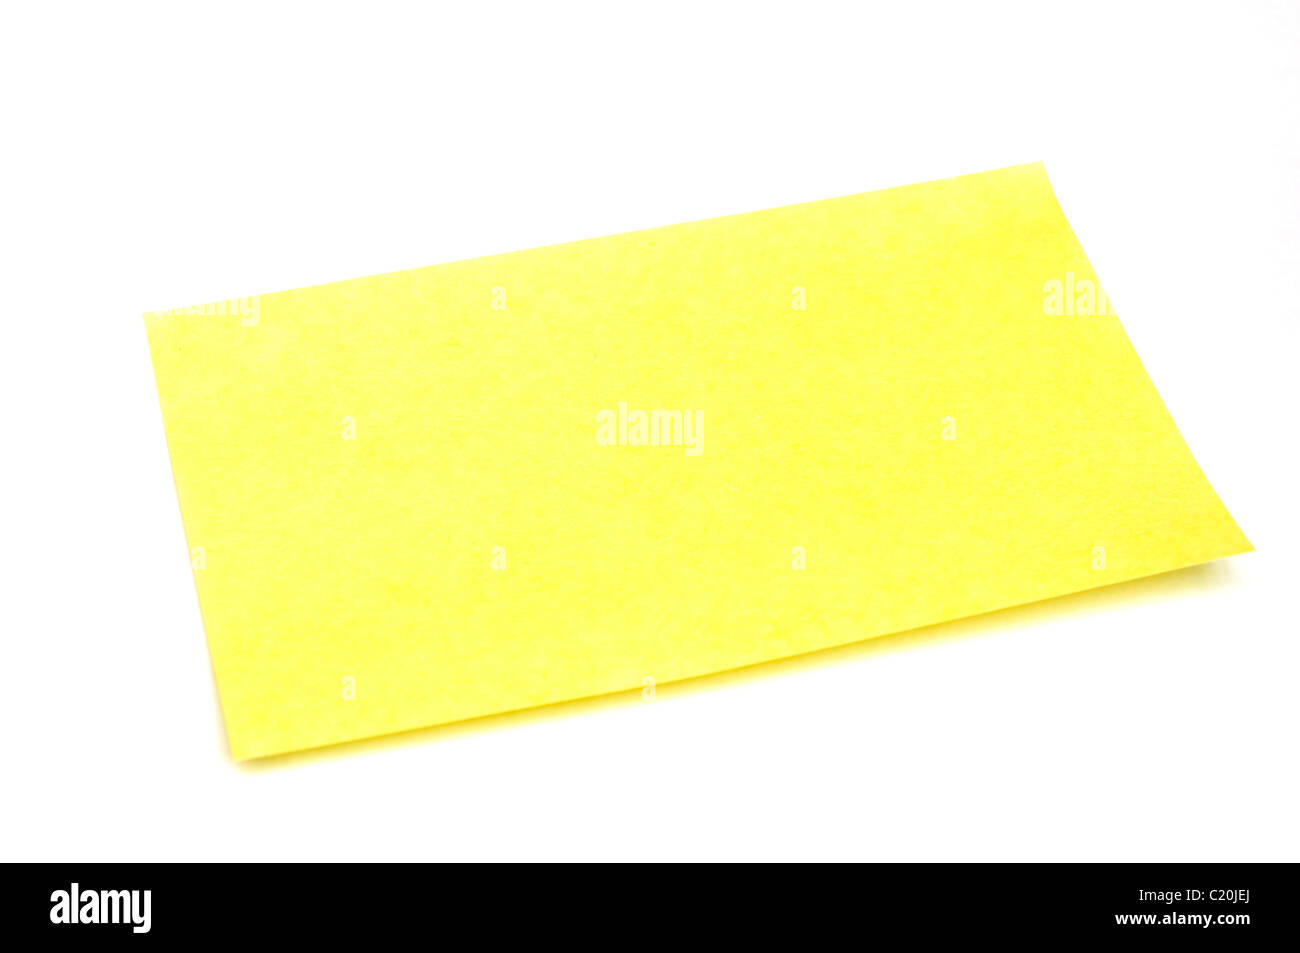 Bigliettino giallo isolato su sfondo bianco con tracciato di ritaglio Immagini Stock